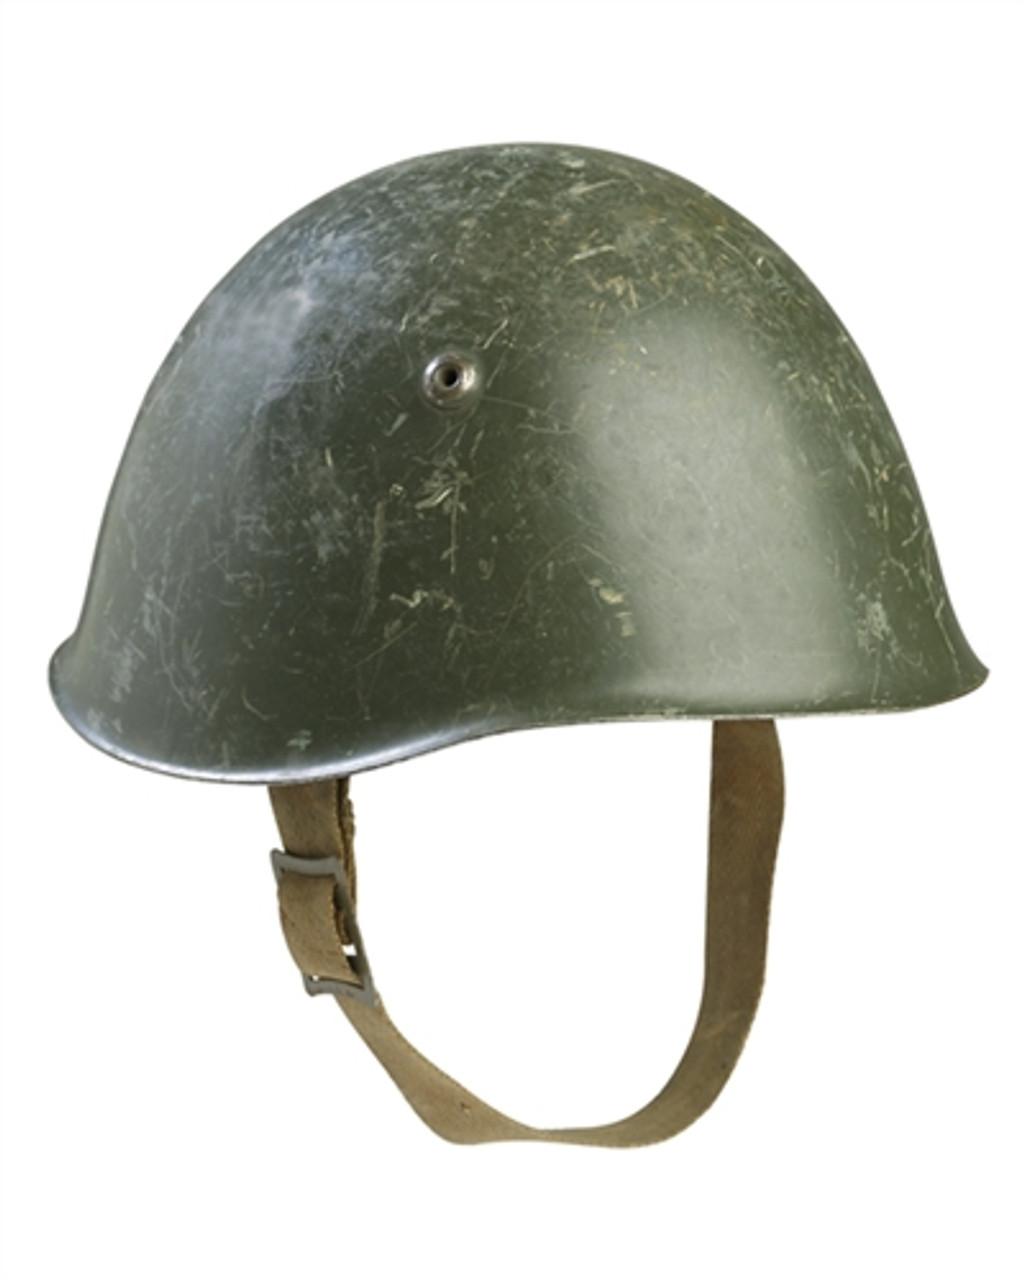 Italian M33 Steel Helmet from Hessen Antique